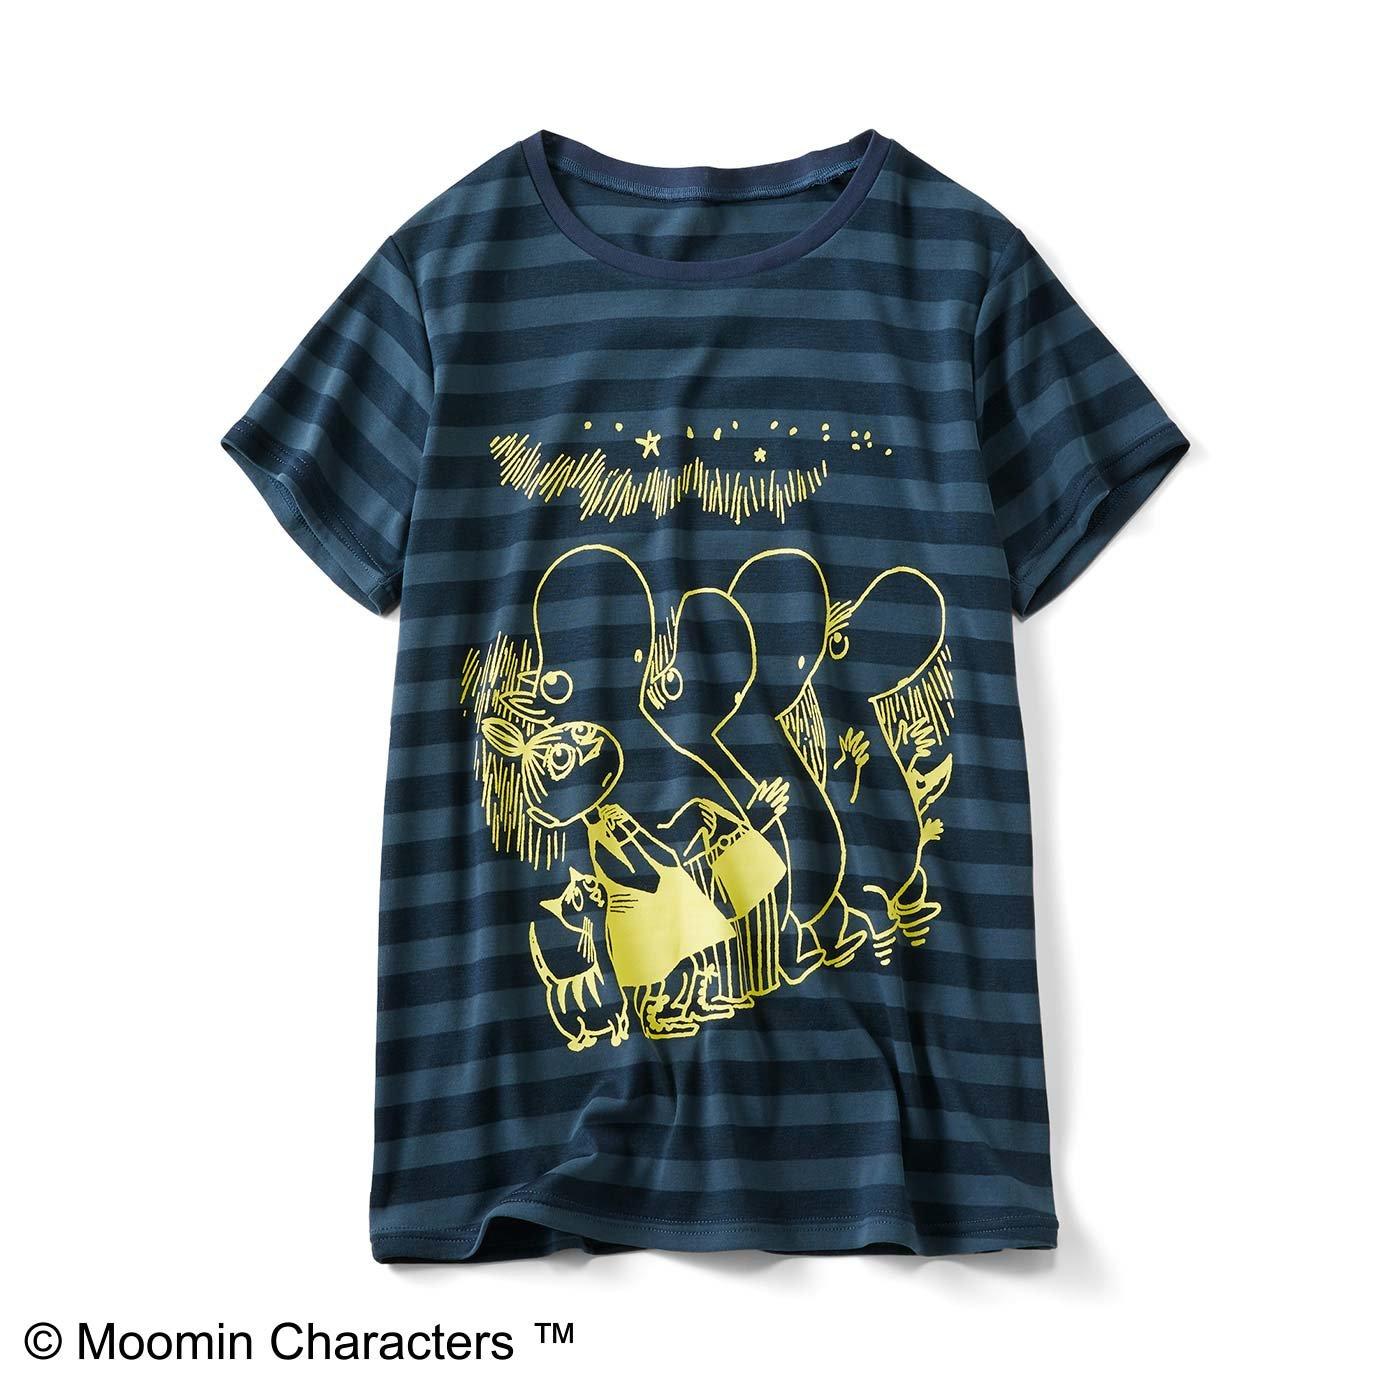 ムーミンと仲間たち 吸水速乾ボーダーTシャツ〈グリーン〉